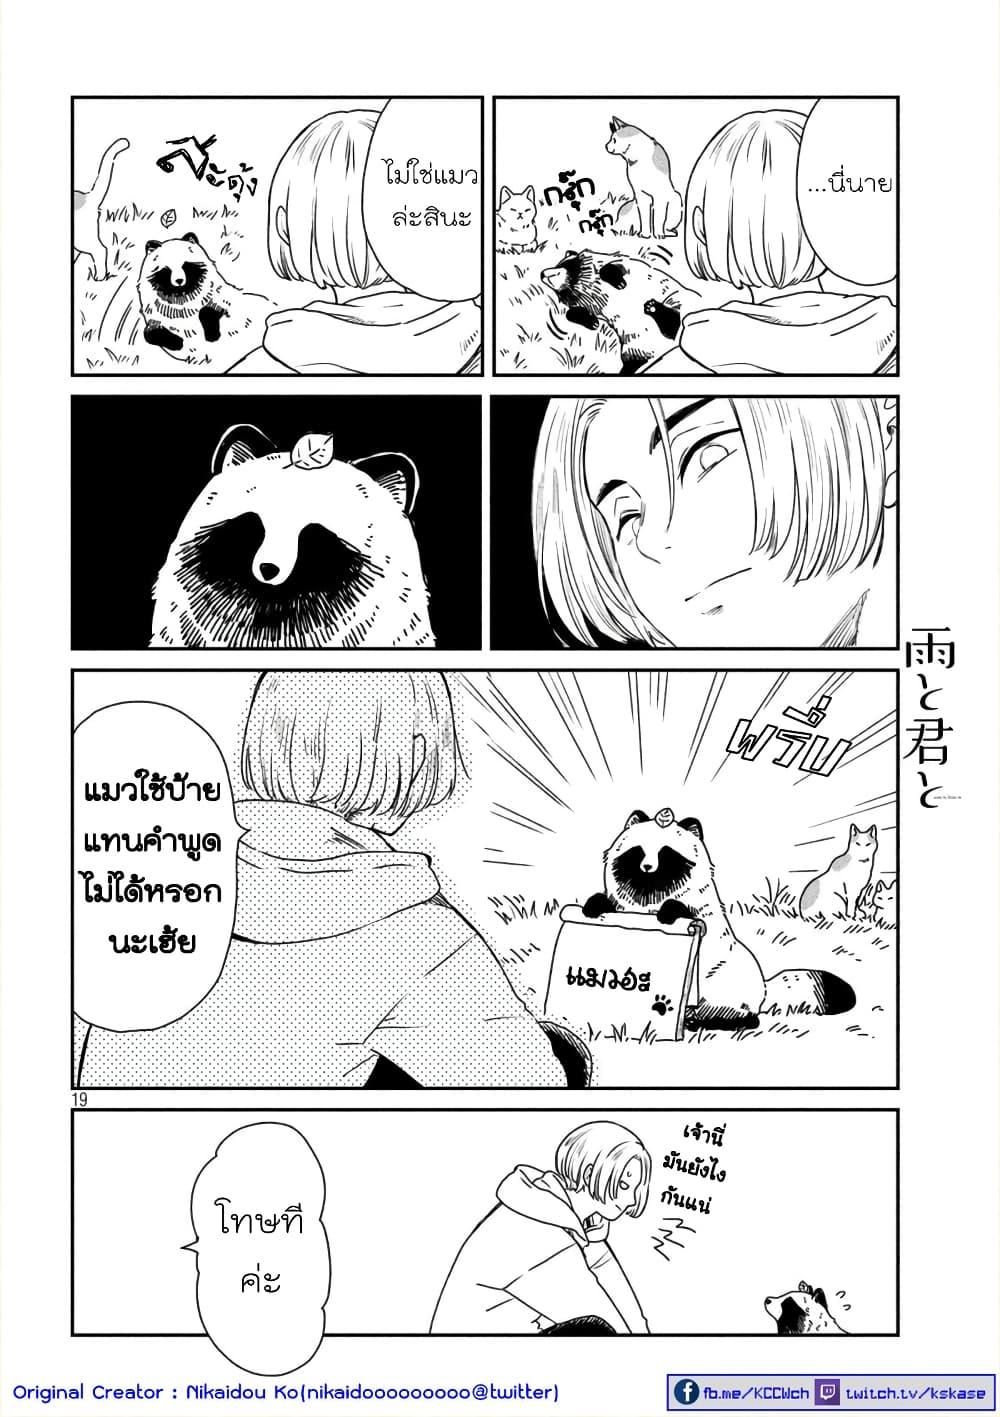 อ่านการ์ตูน Ame to Kimi to ตอนที่ 5 หน้าที่ 2